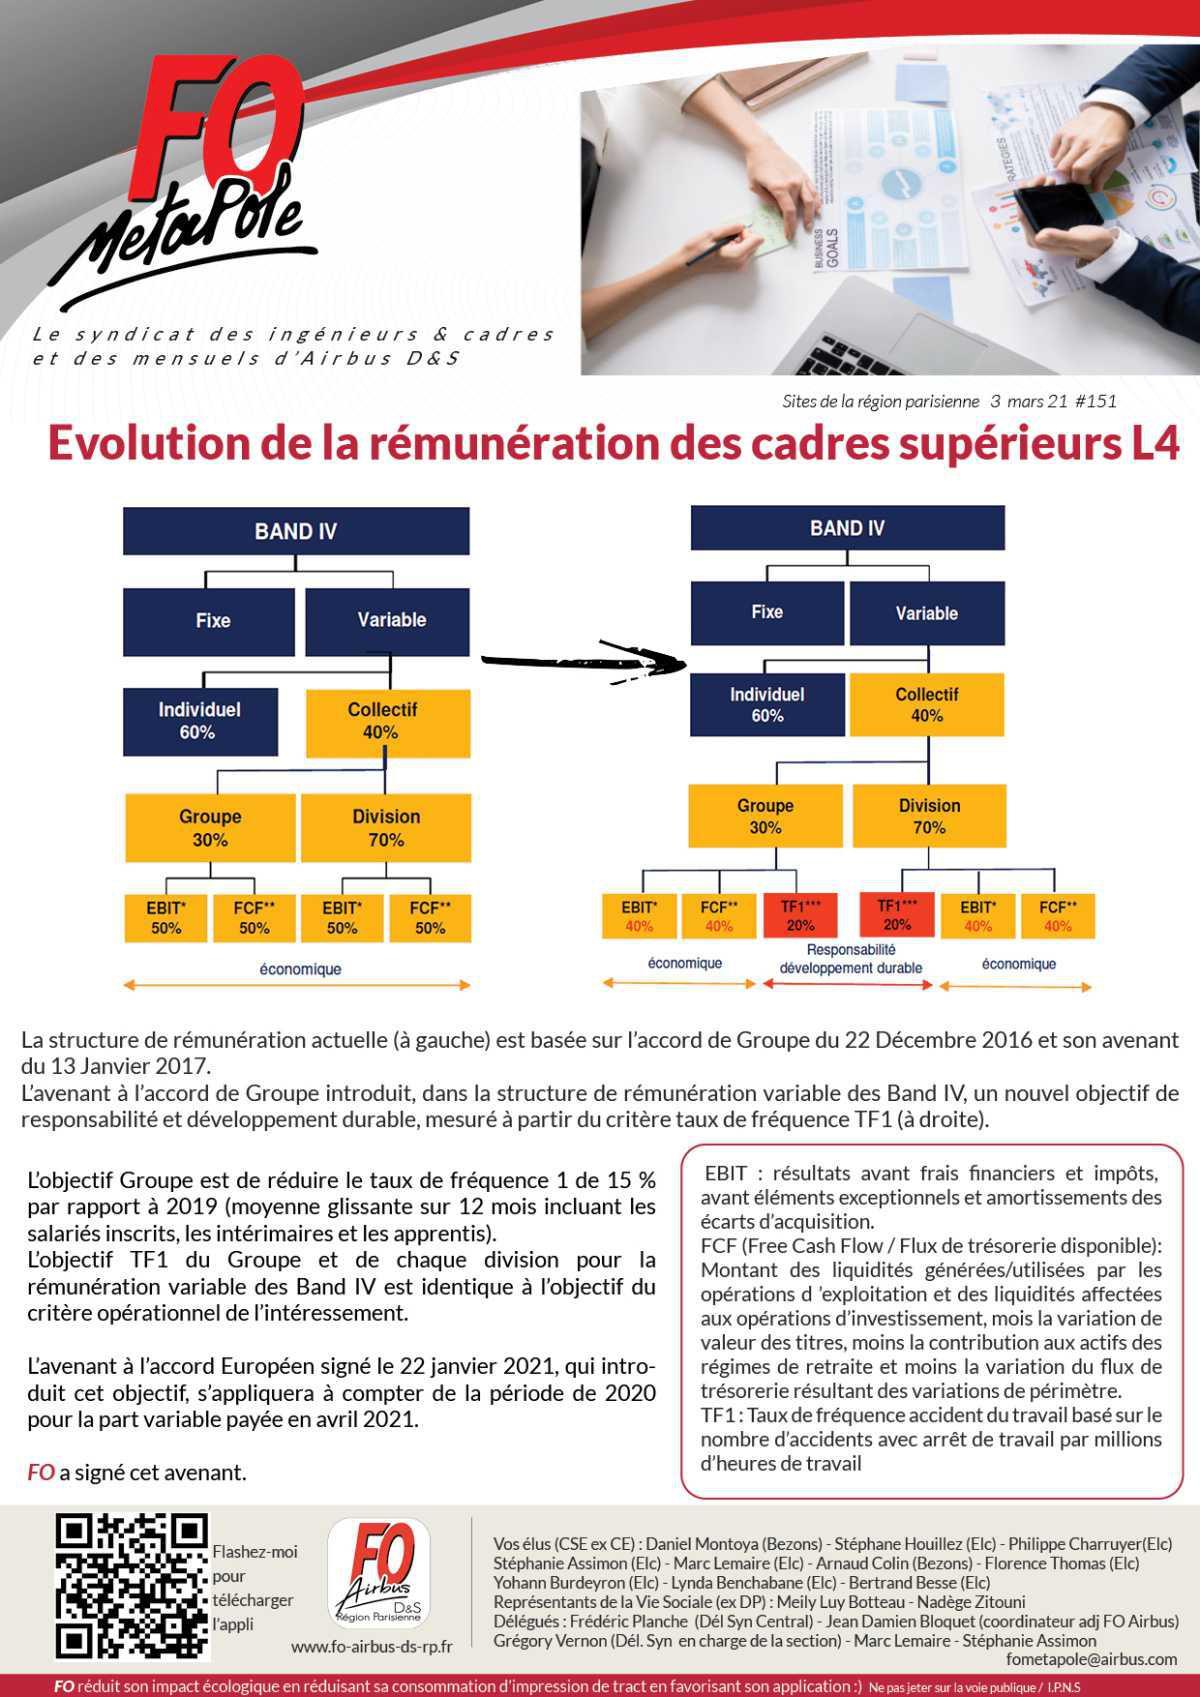 Evolution de la rémunération des cadres supérieurs L4